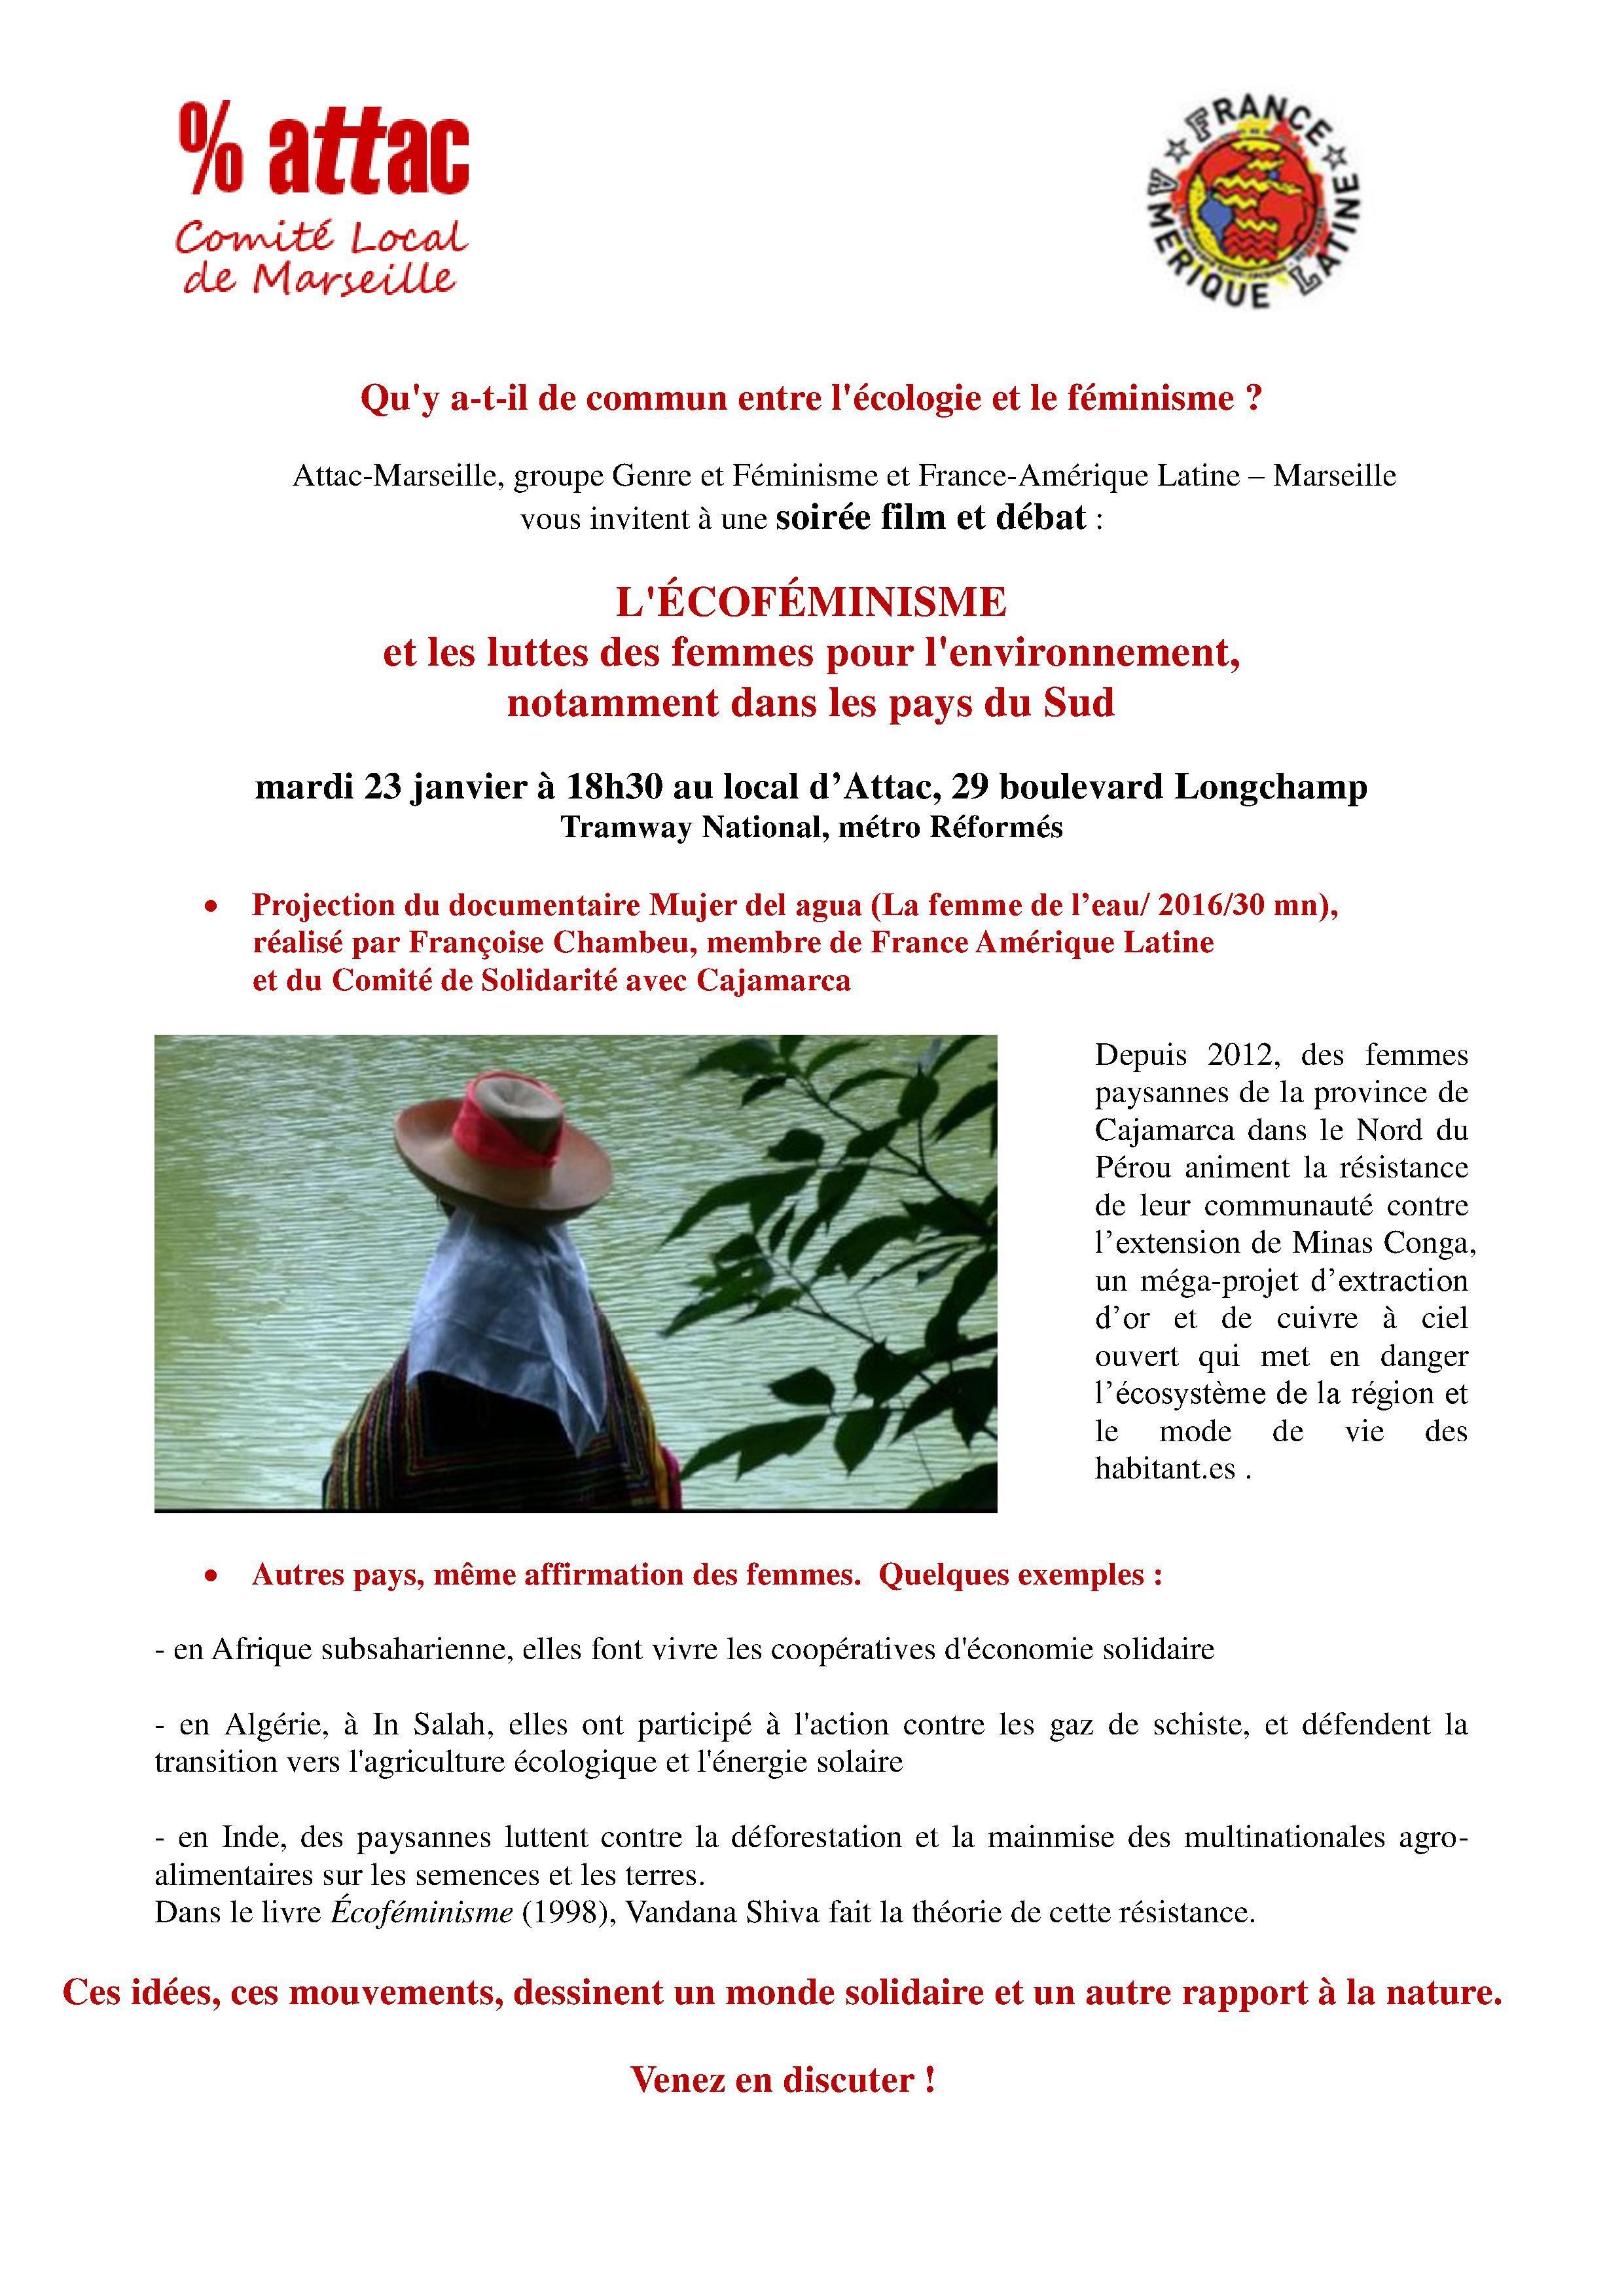 Projection-débat: L'écoféminisme et les luttes des femmes pour l'environnement (Attac Marseille/FAL Marseille)